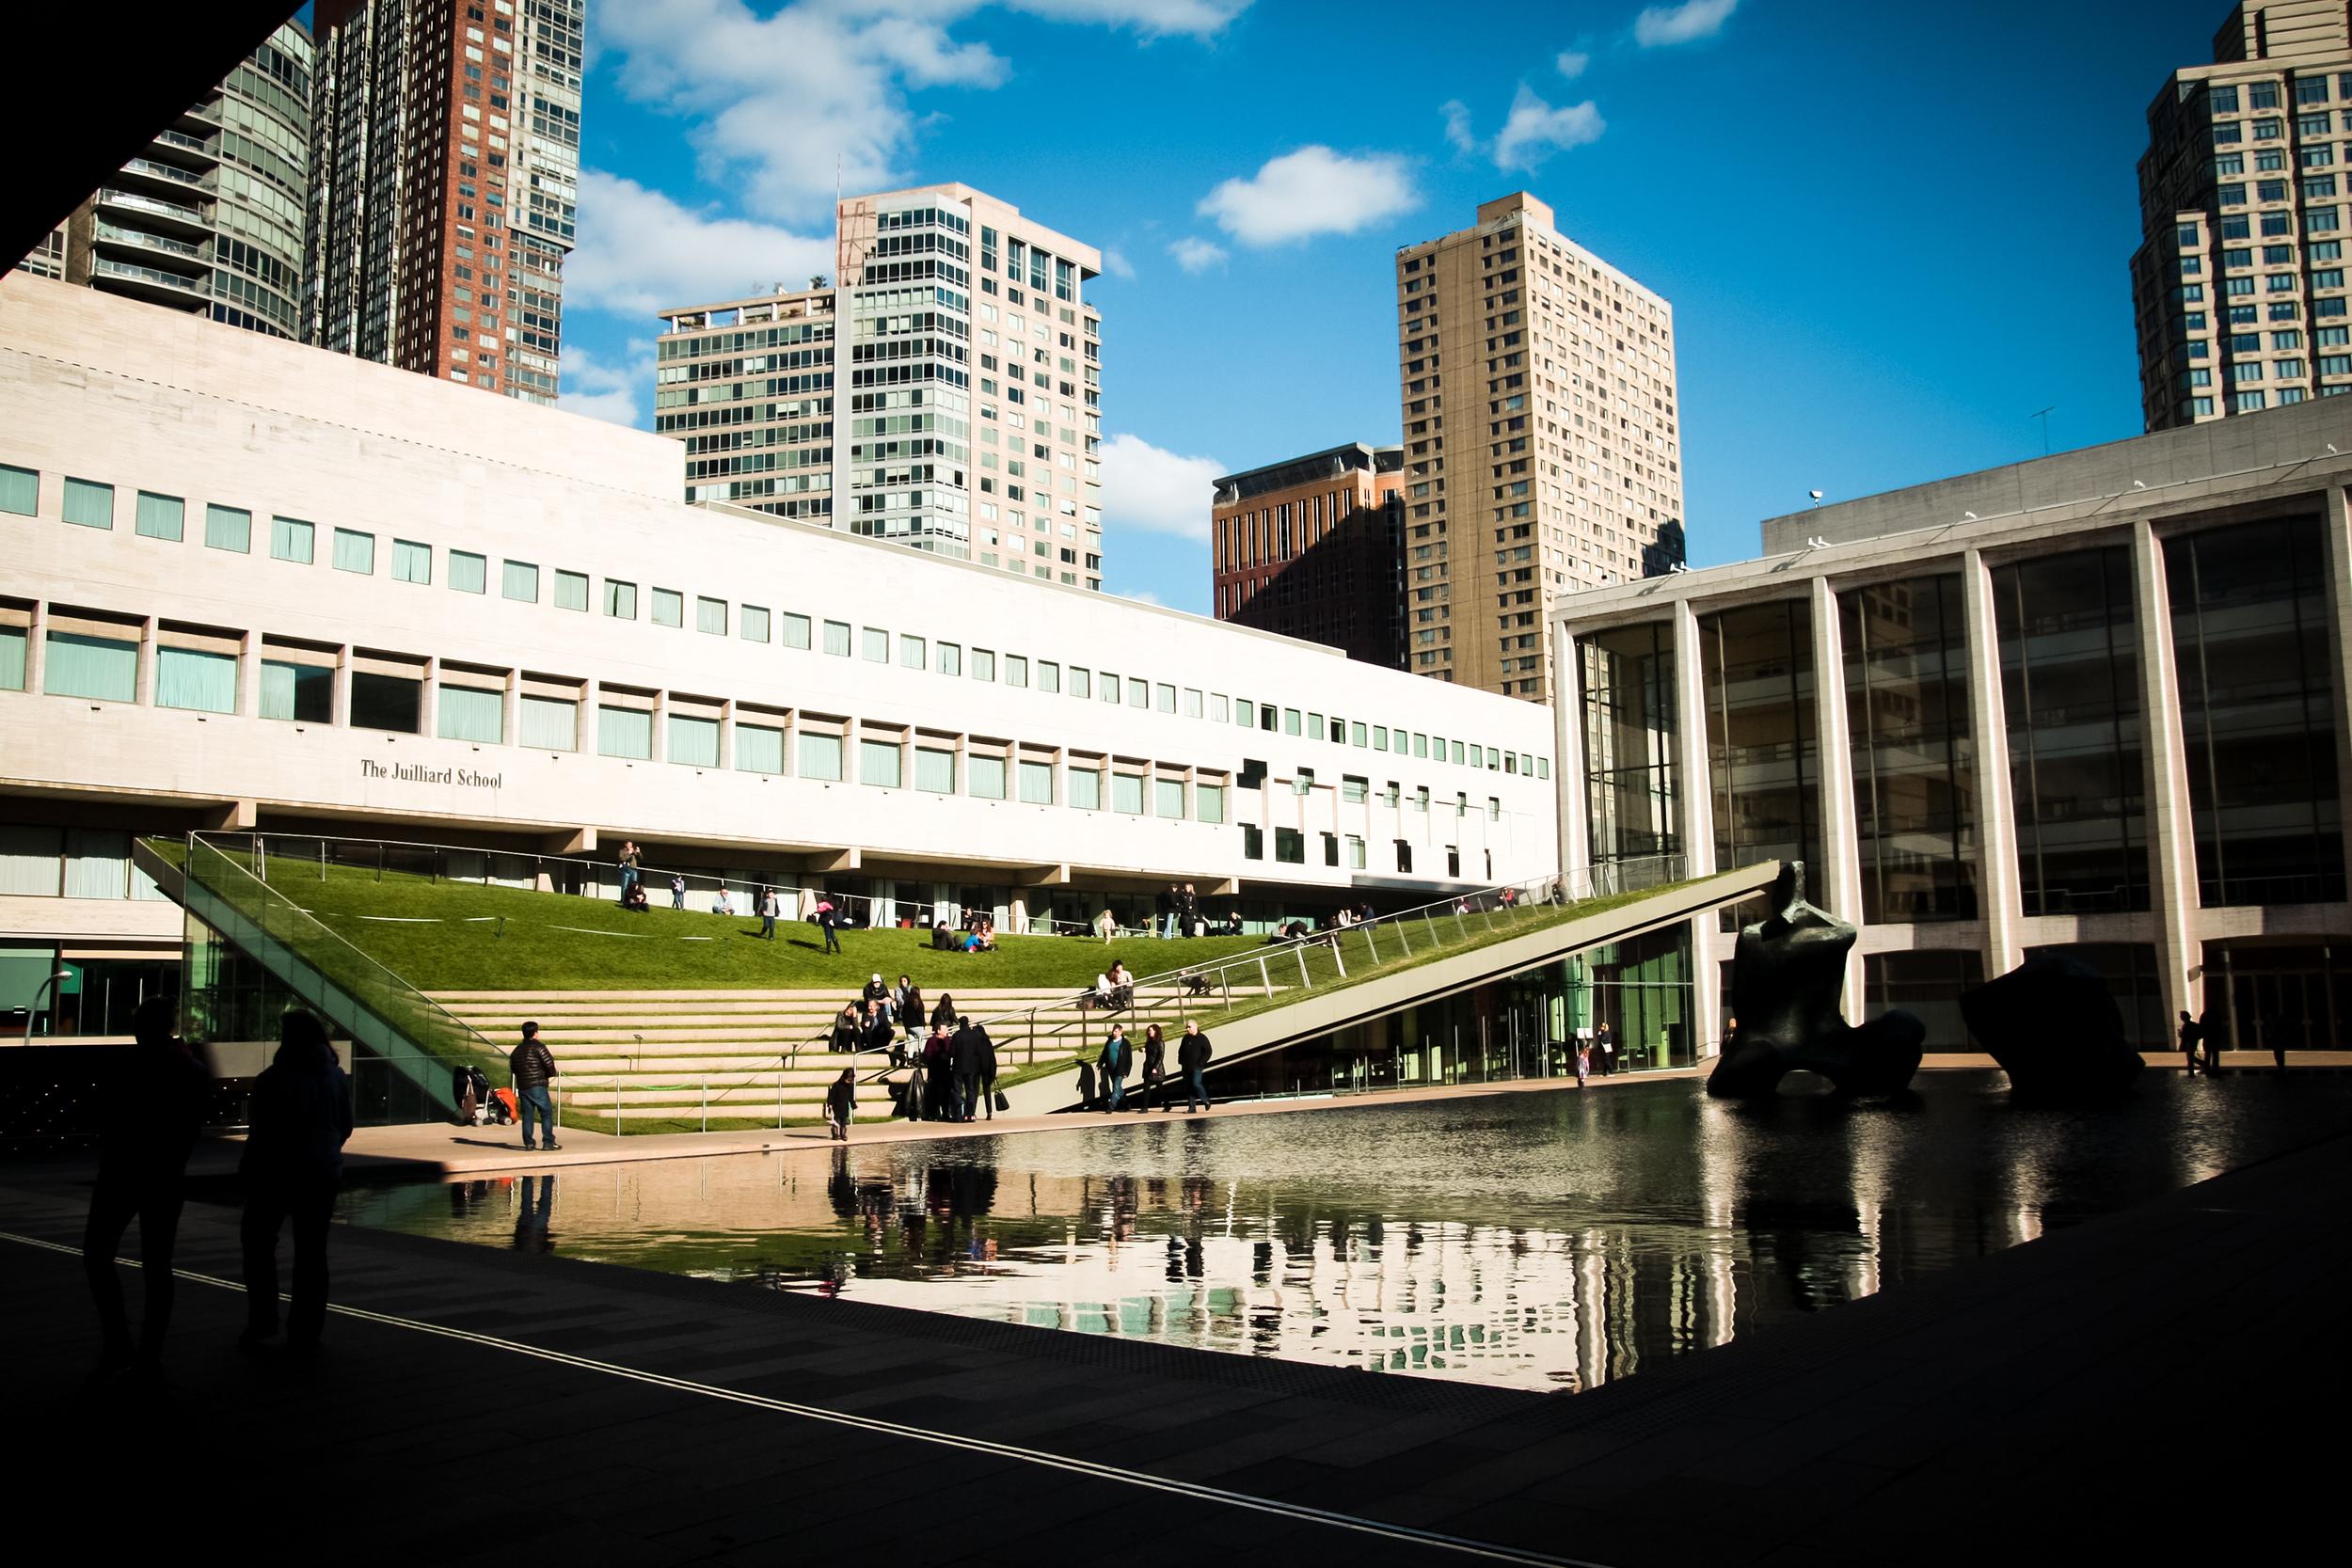 NYC_Day2-22.jpg